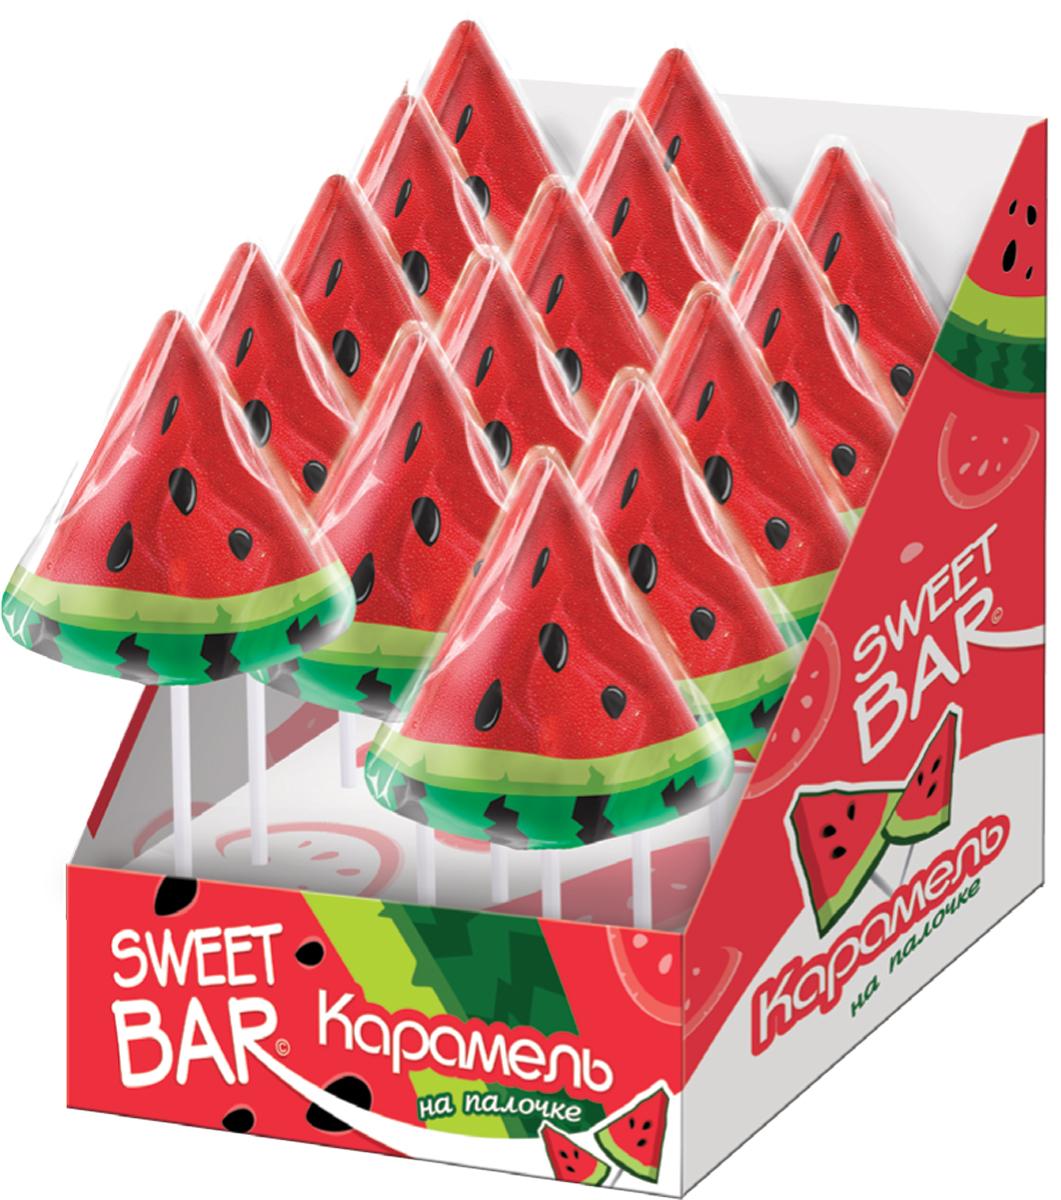 Конфитрейд Sweet Bar Арбузик карамель на палочке, 15 шт по 40 г формочки для леденцов на палочке екатеринбург